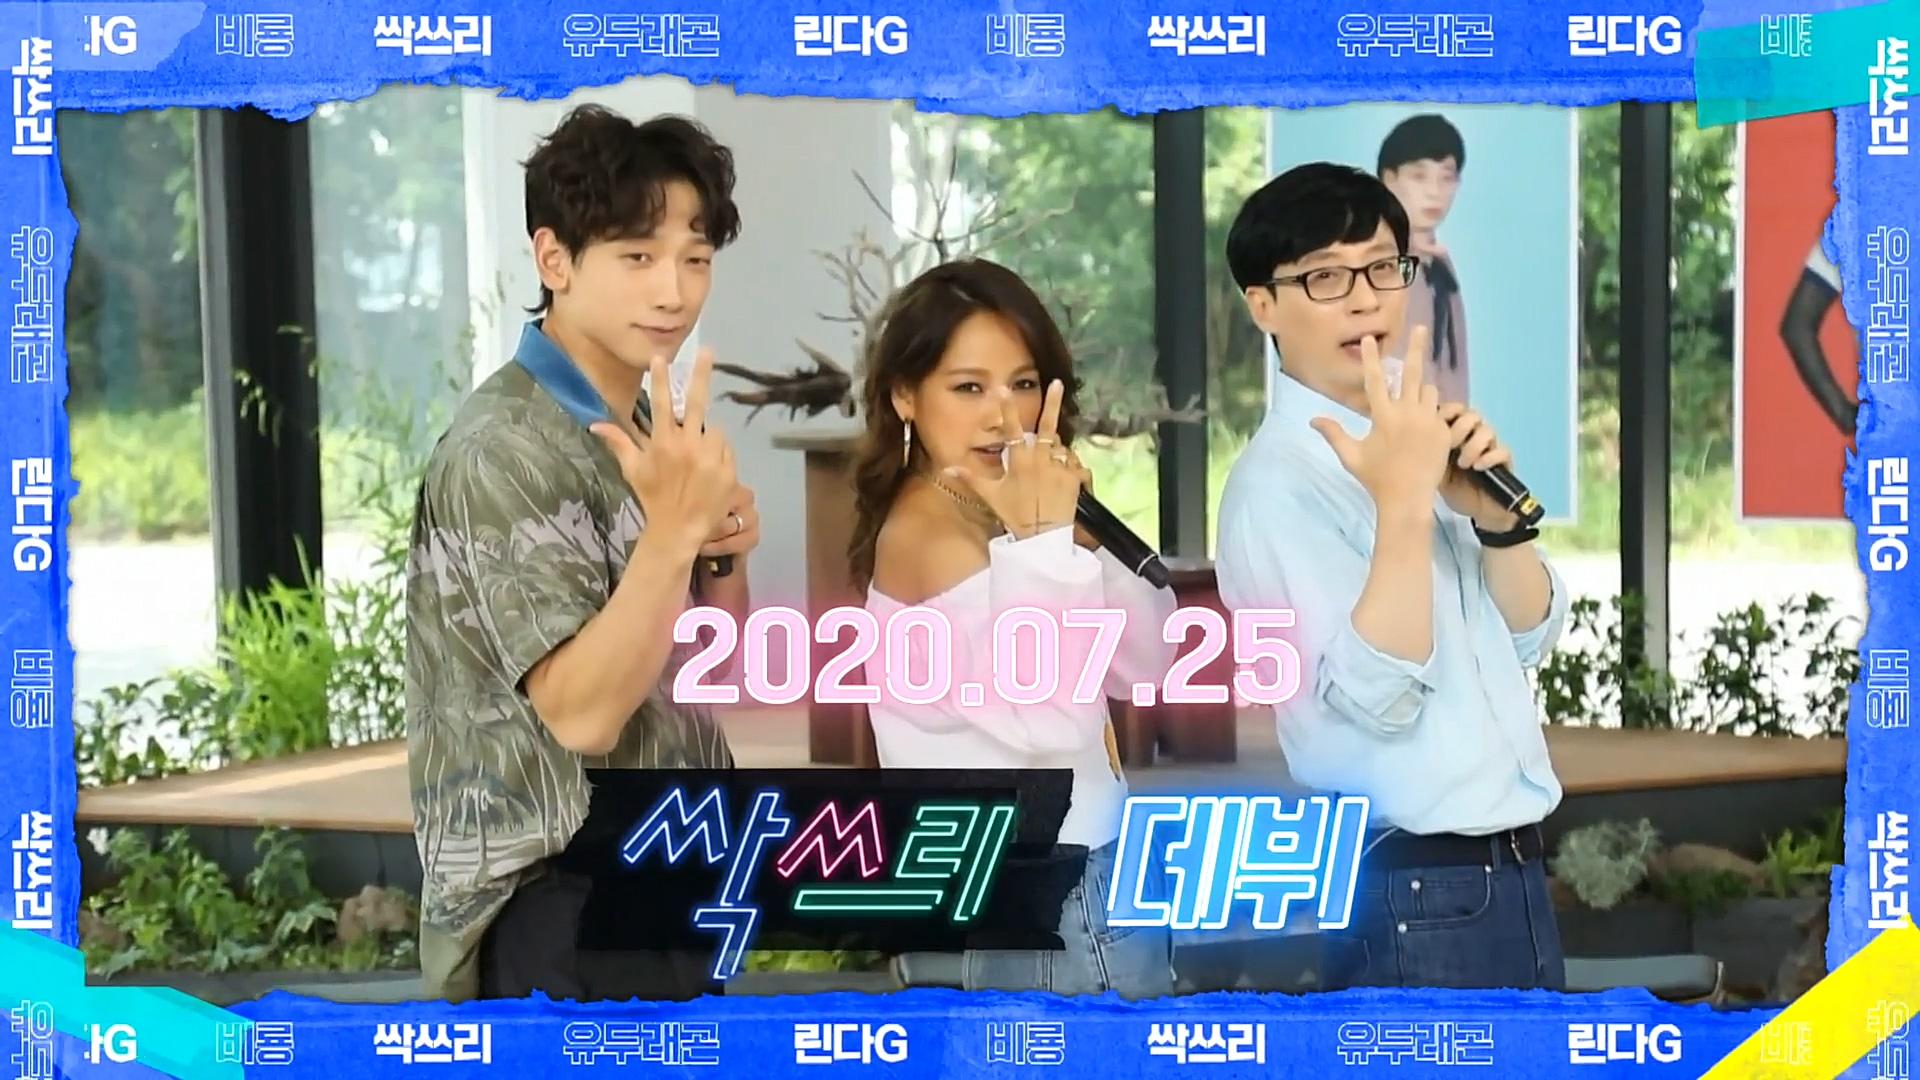 싹쓰리 유두래곤X린다GX비룡, '다시 여기 바닷가' MV 티저 약 190만뷰… 역대급 행보! | 인스티즈